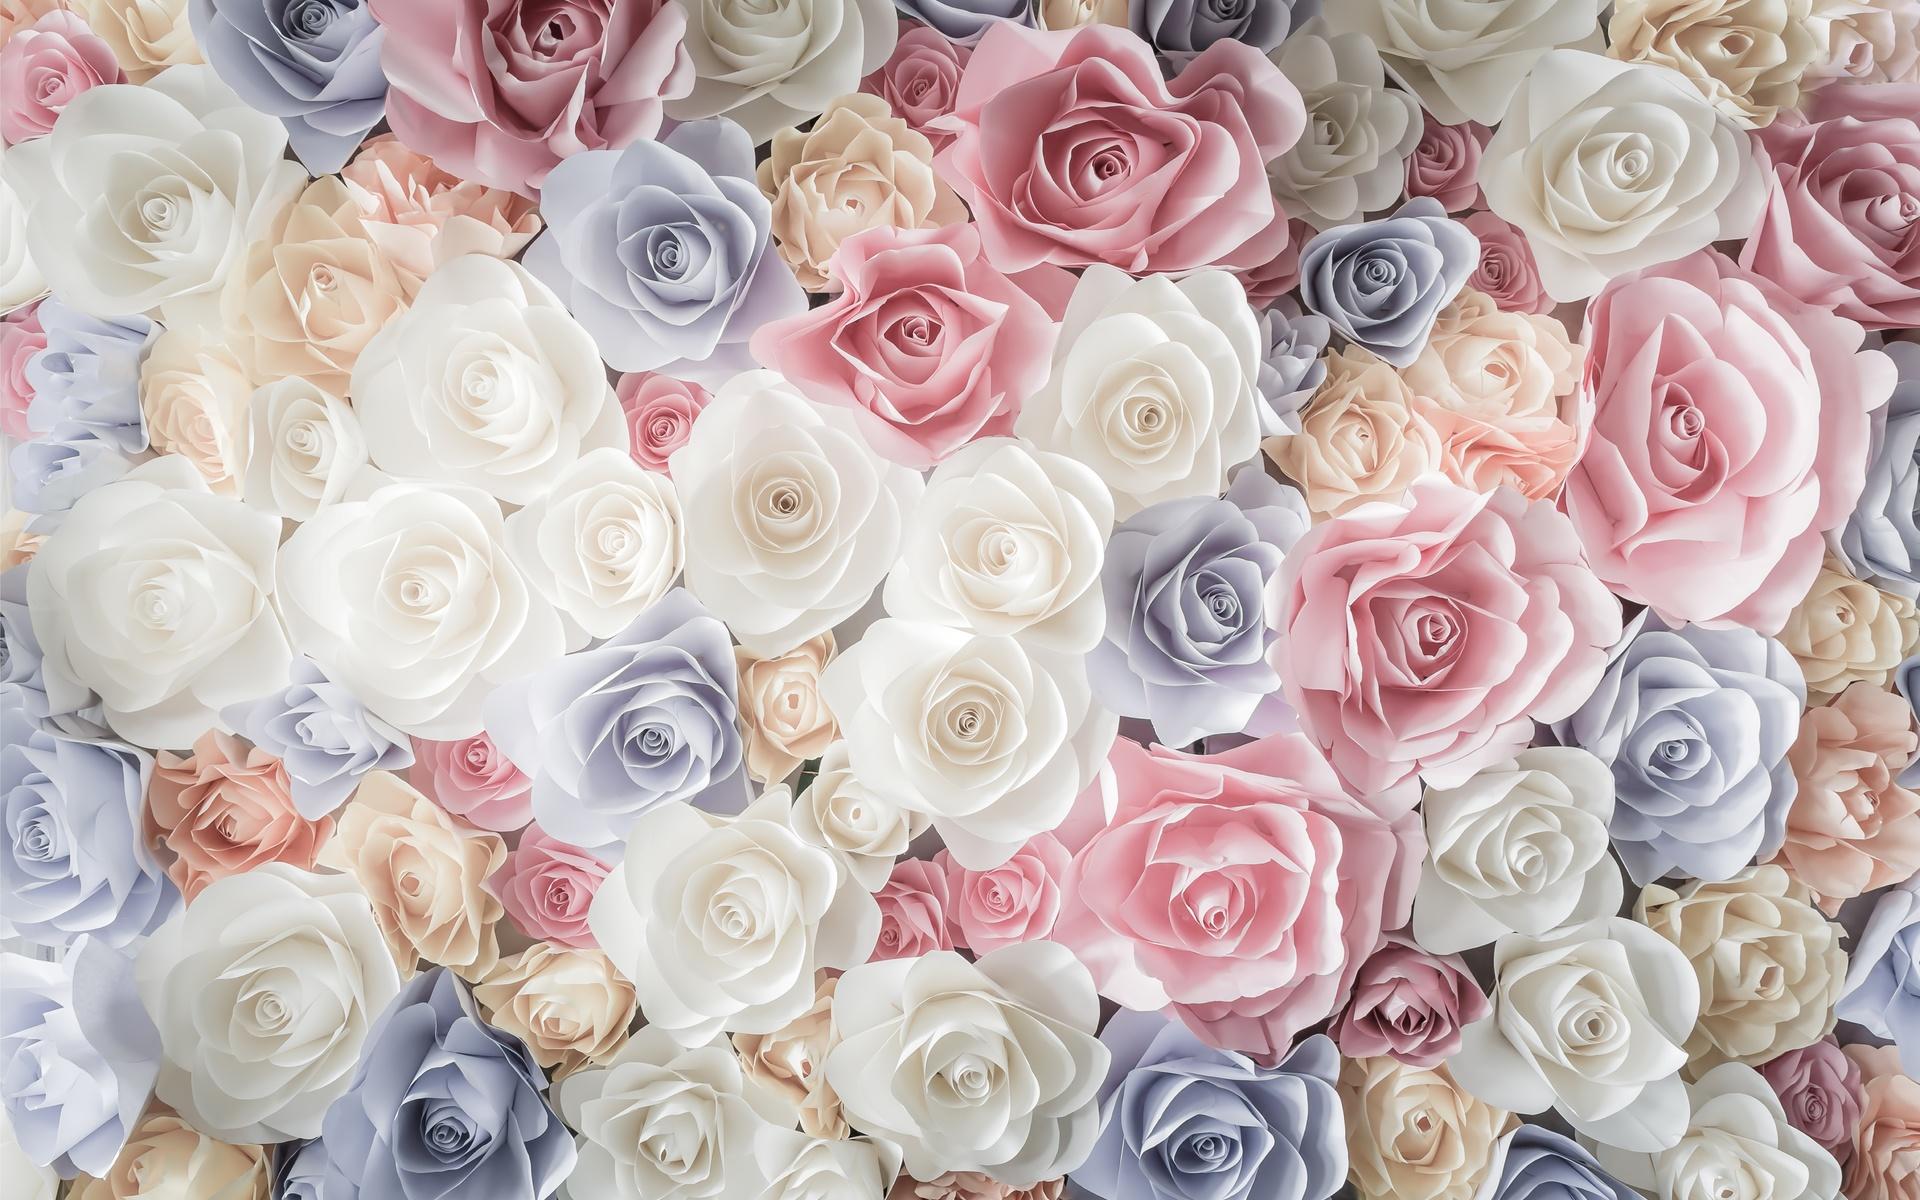 Калька открытки, картинки фоны цветы